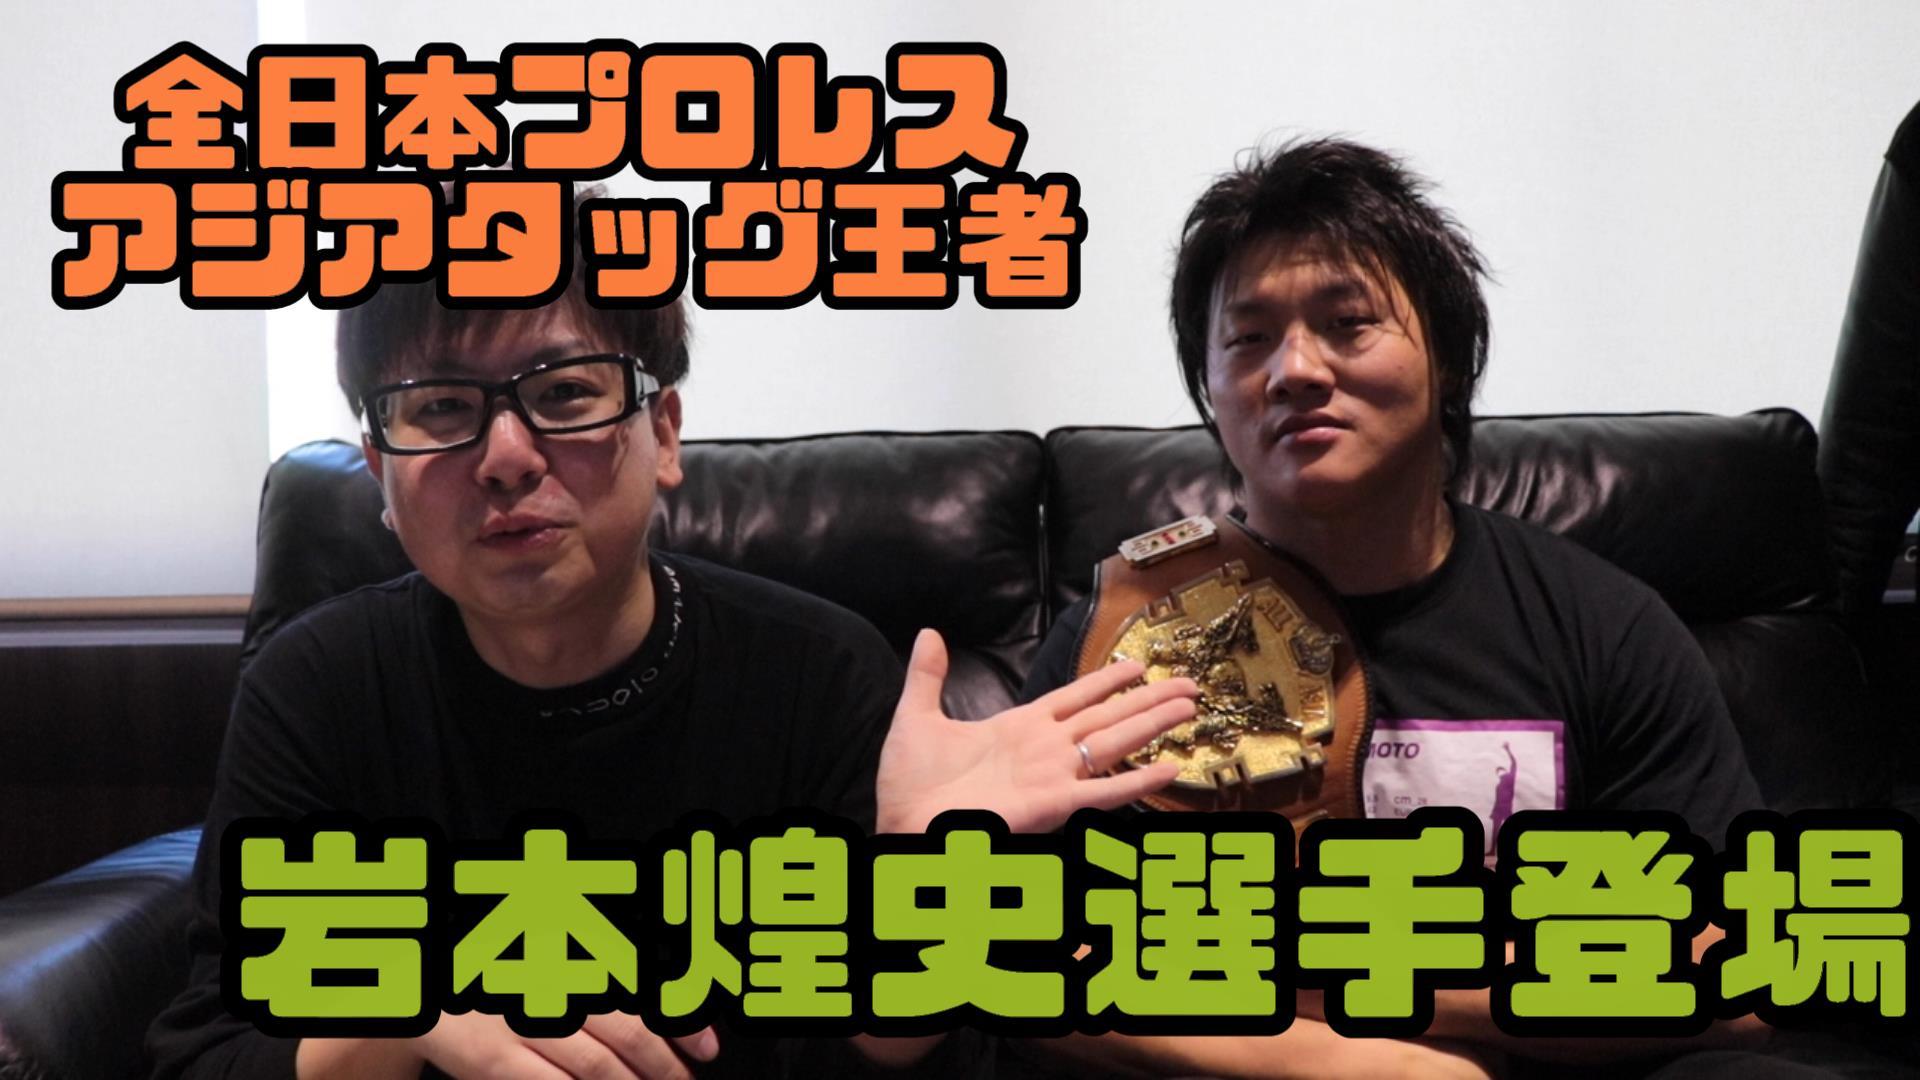 動画企画!全日本プロレスアジアタッグ王者、岩本煌史選手と名古屋競馬場へ!